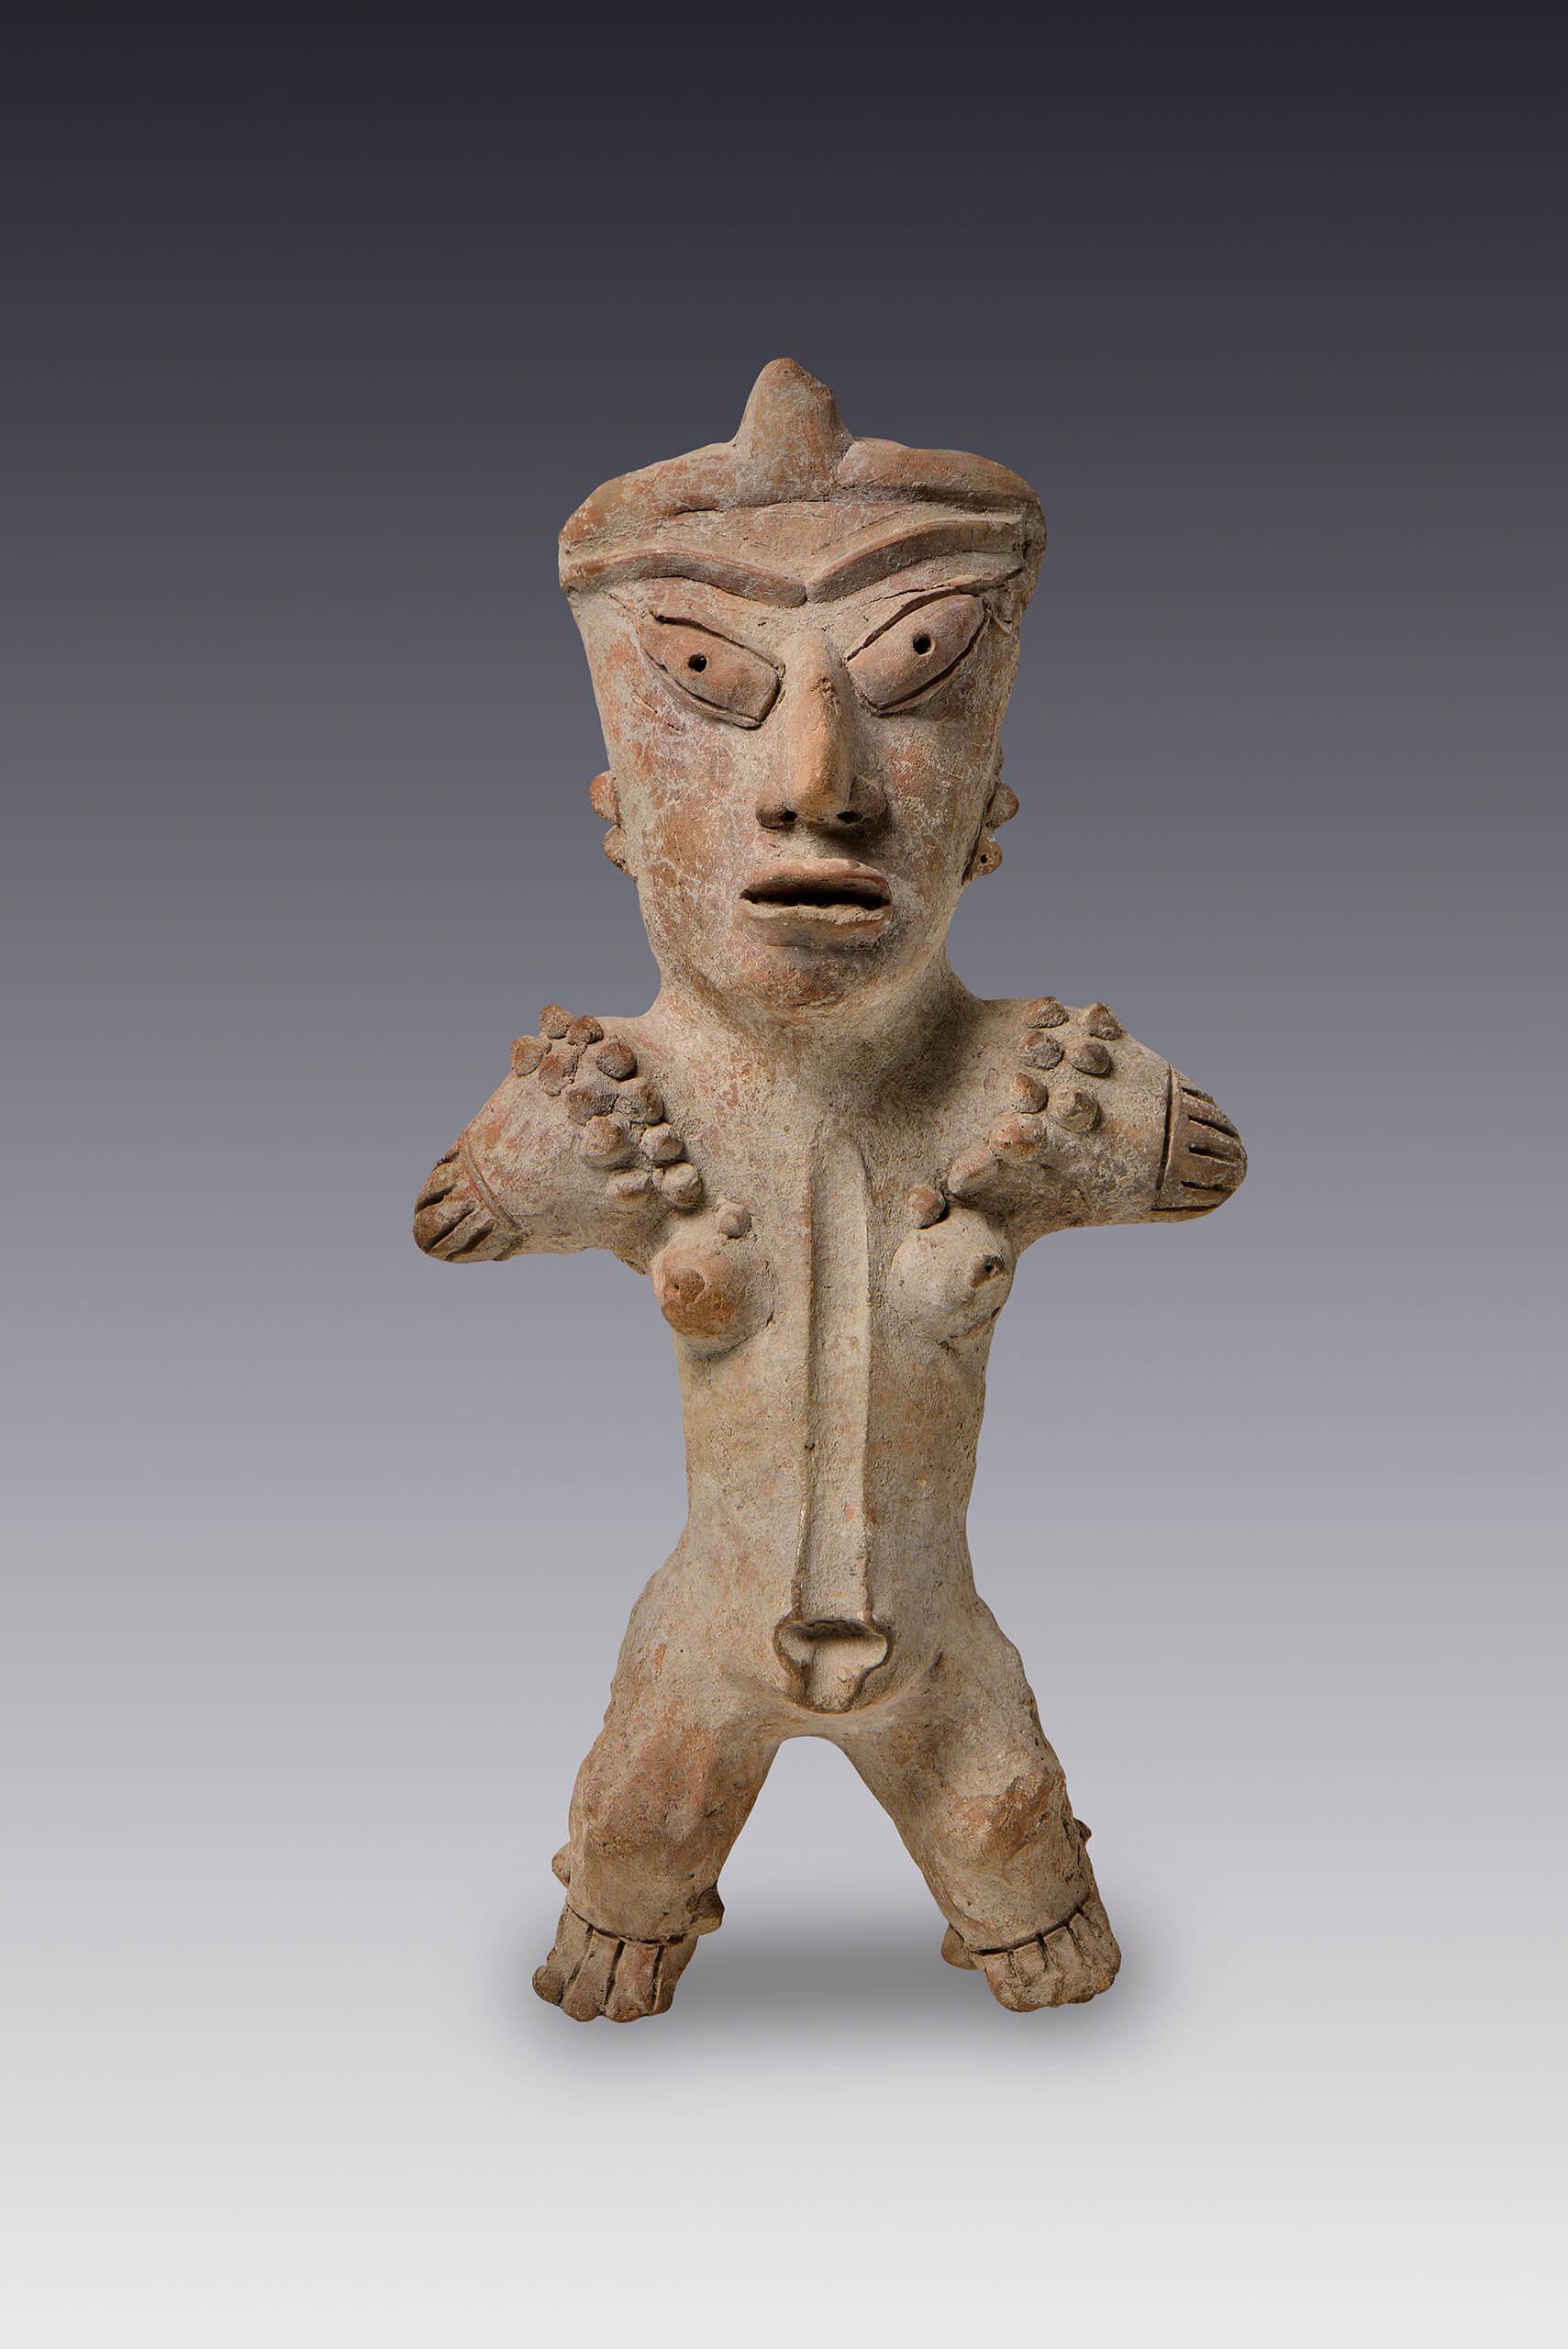 Etiqueta Cuerpo humano | Todas las piezas | Museo Amparo, Puebla